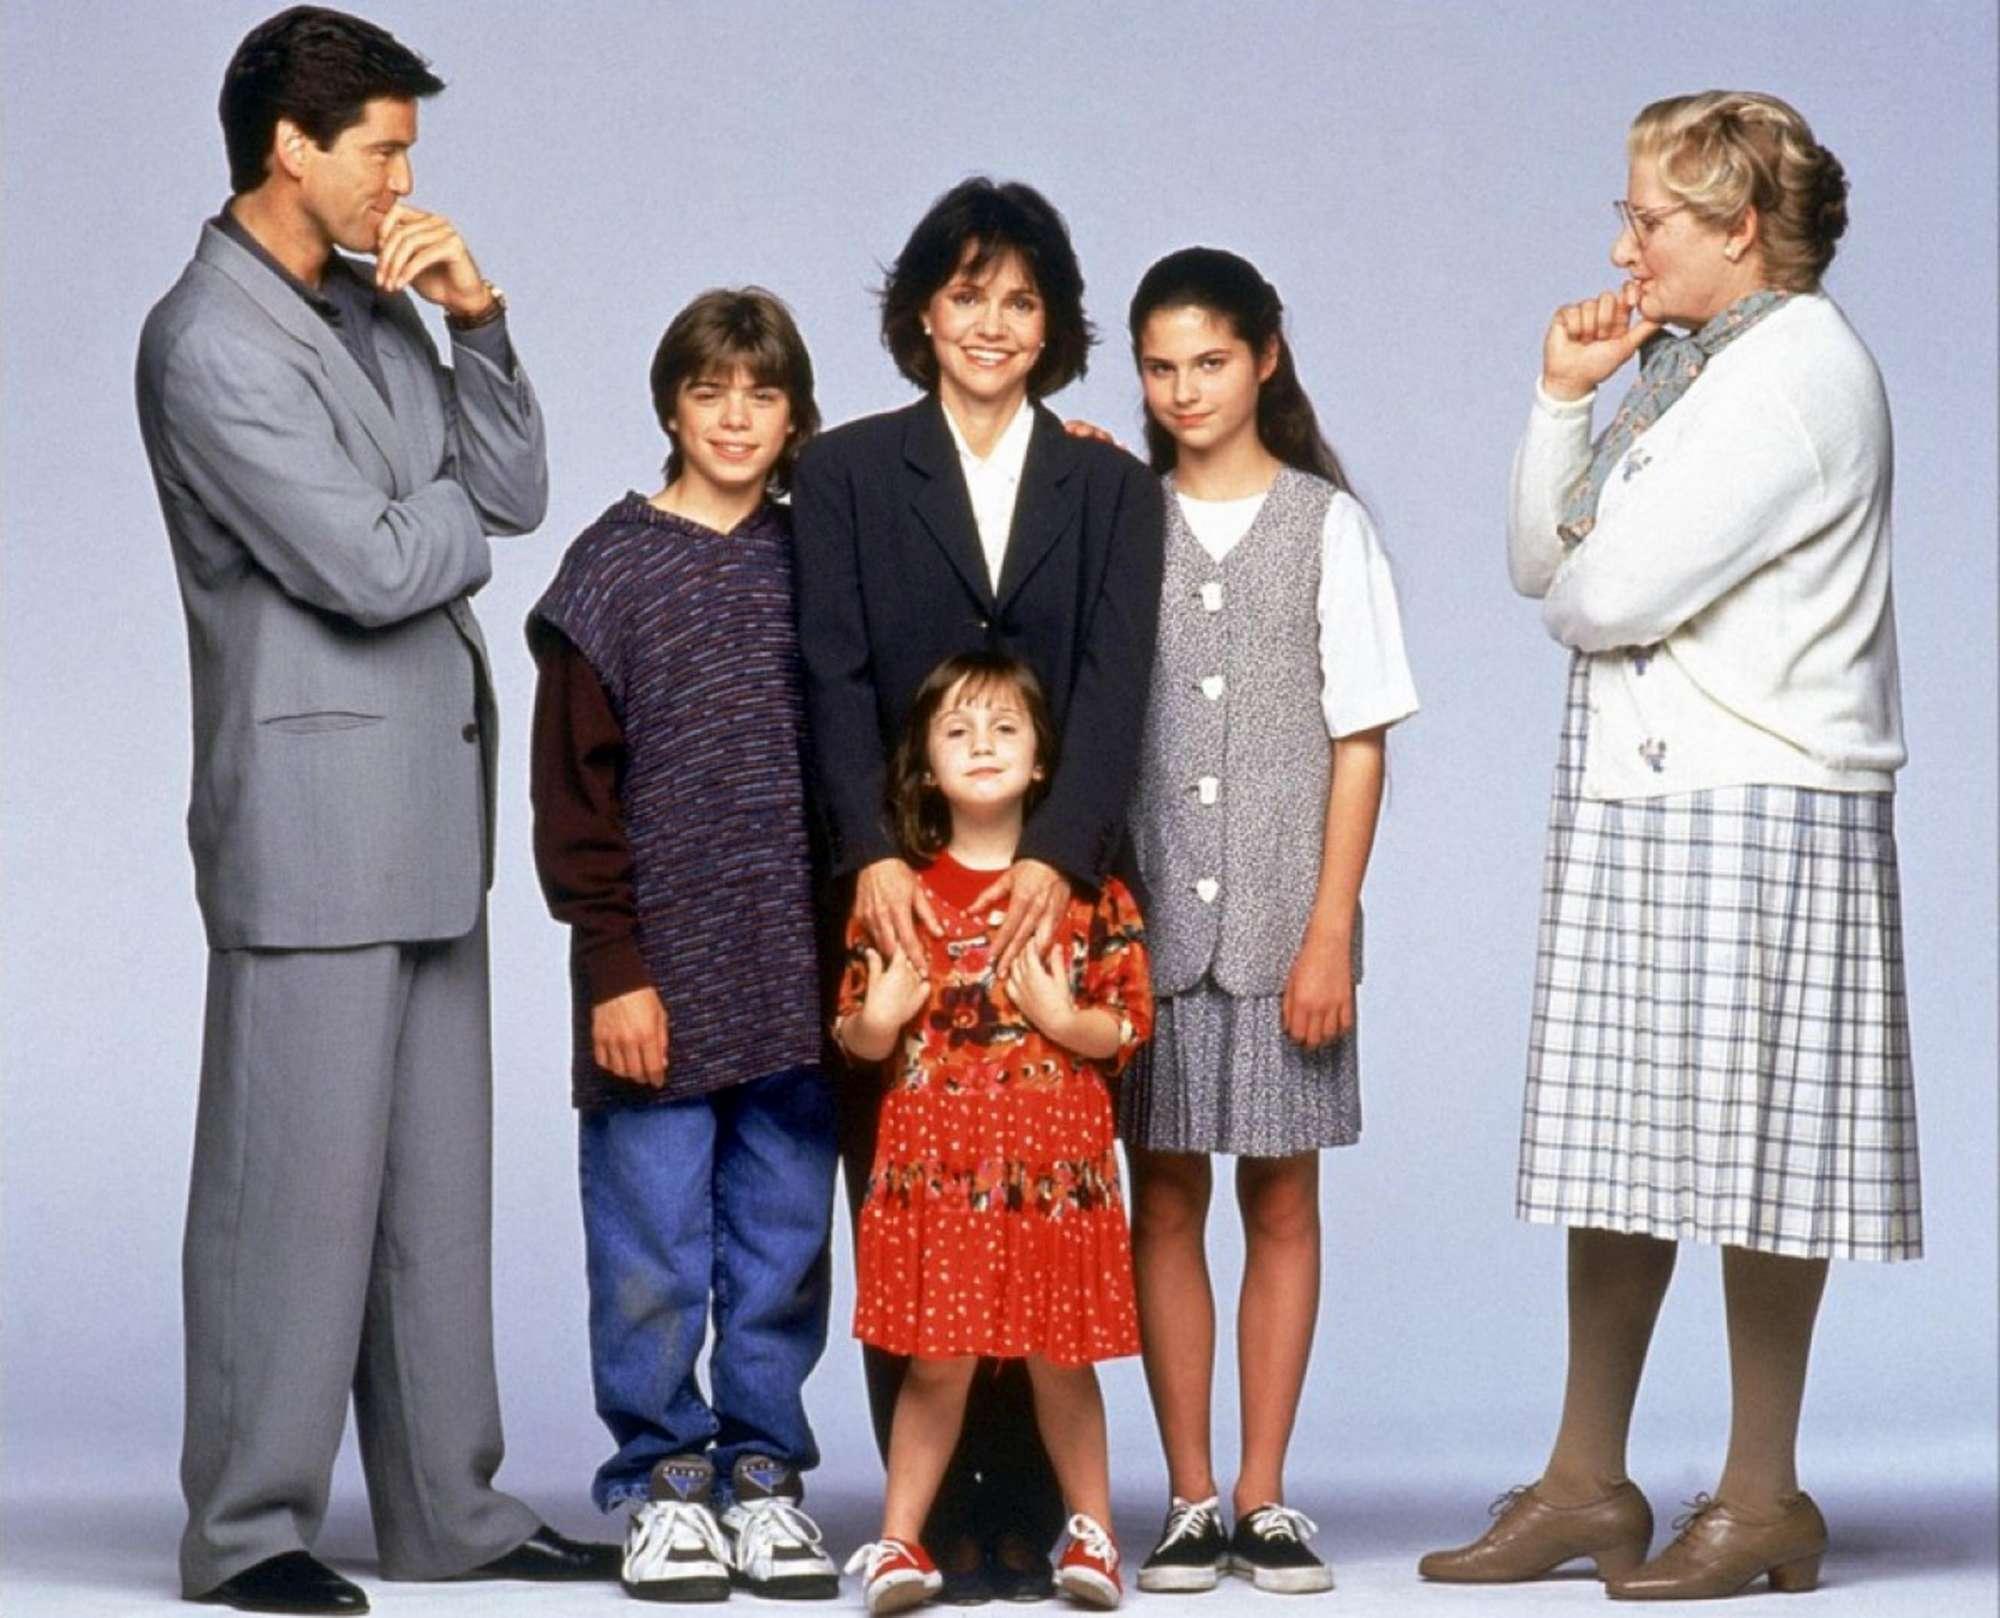 Pierce Brosnan, reunion a sopresa con i bambini, cresciuti, di  Mrs Doubtfire